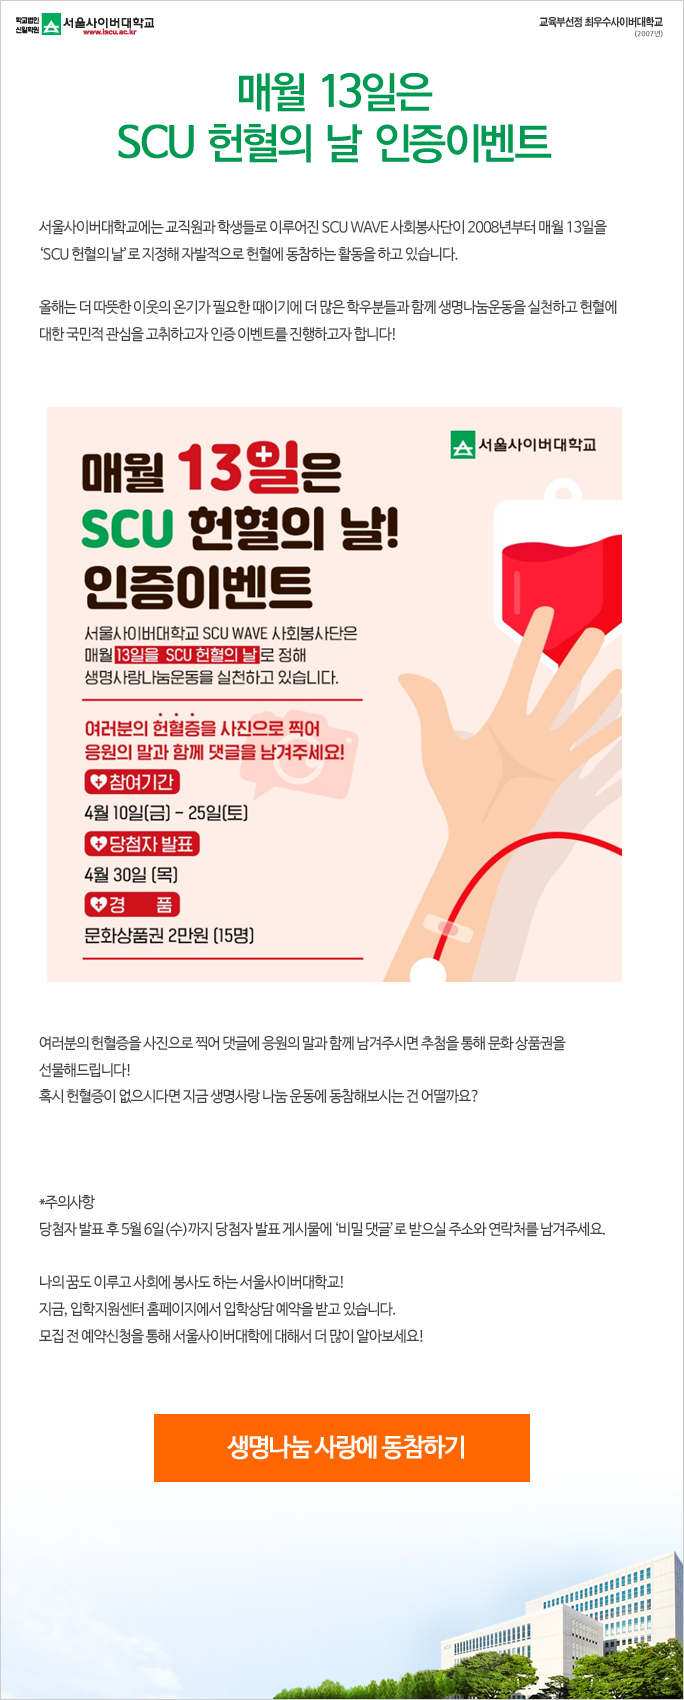 매월13일은 SCU 헌혈의날! 인증이벤트: 이미지상세정보(다음내용참조)